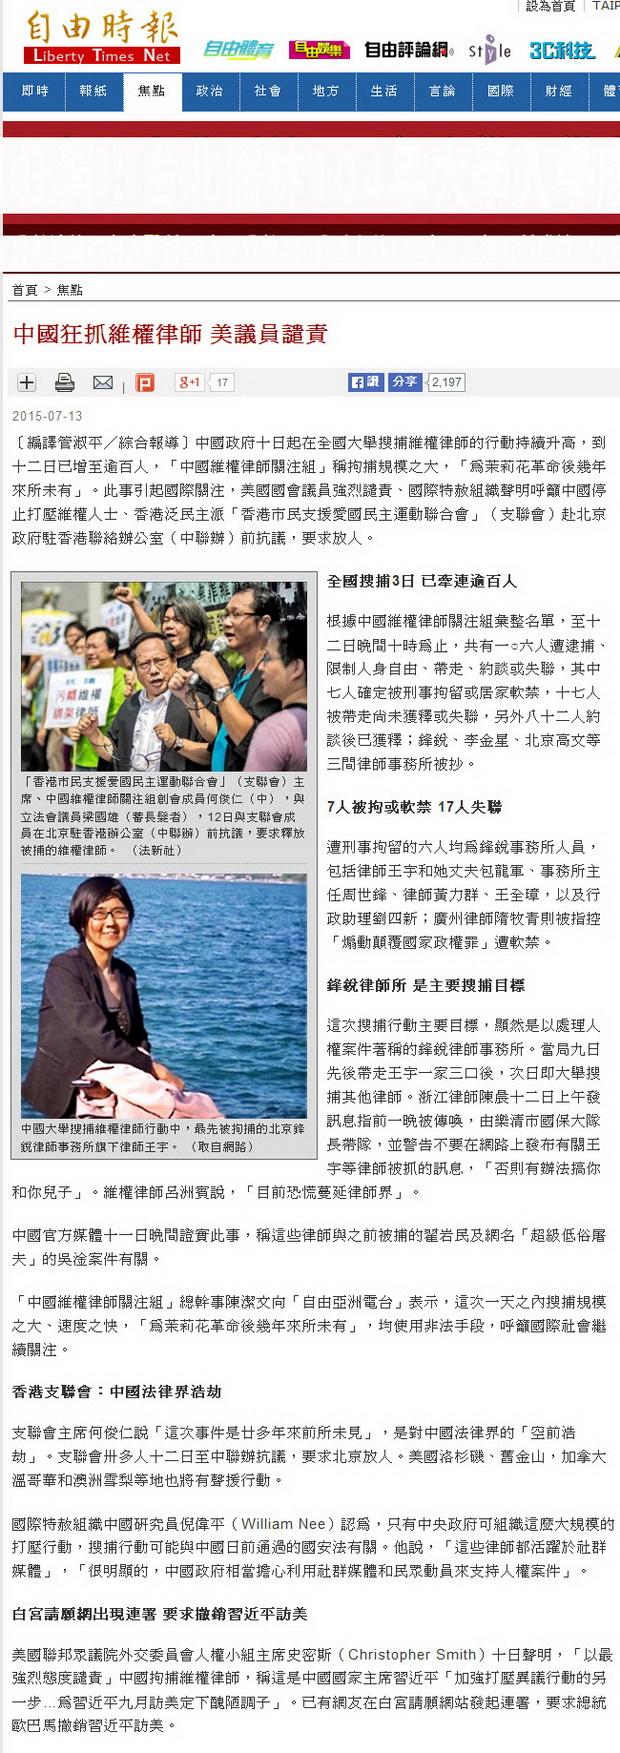 中國狂抓維權律師 美議員譴責-2015.07.13.jpg